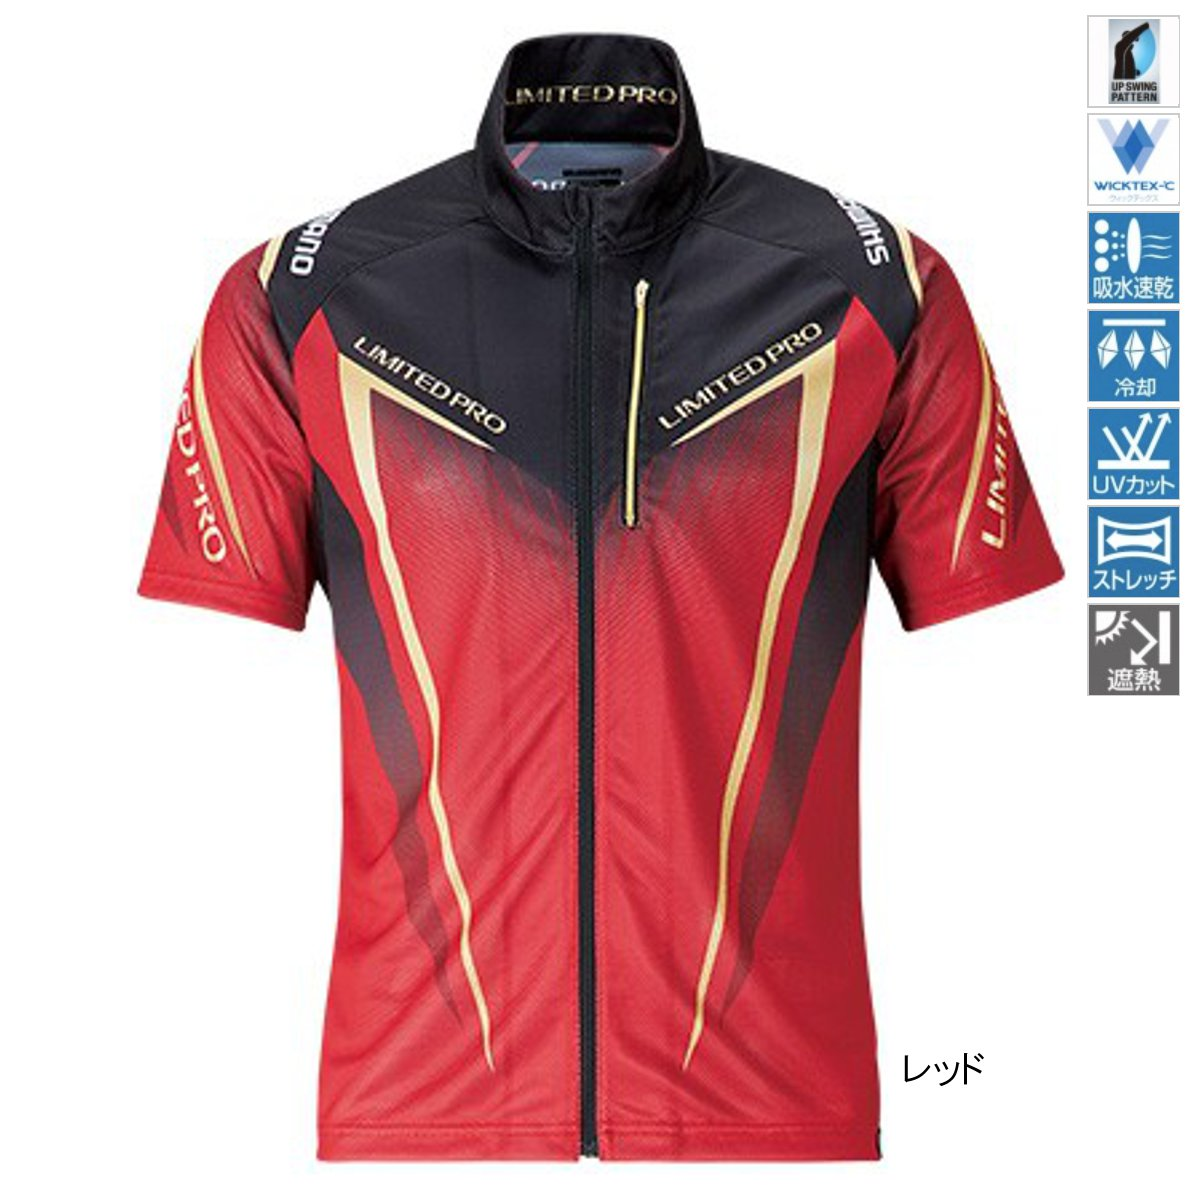 シマノ フルジップシャツLIMITED PRO(半袖) SH-012S 2XL レッド【送料無料】